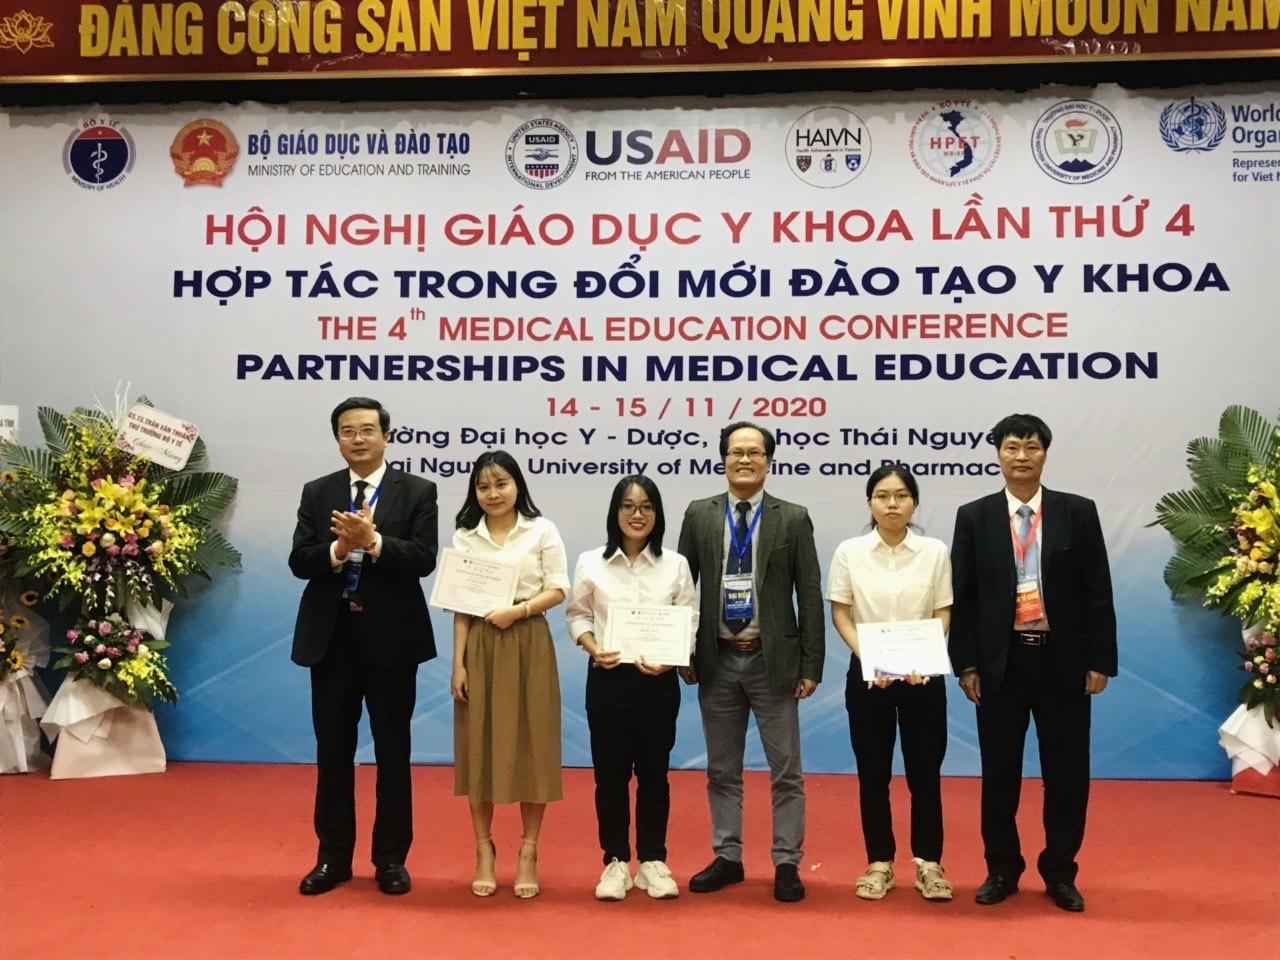 Trường Đại học Y - Dược Huế tham dự Hội nghị thường niên về giáo dục y khoa toàn quốc lần thứ 4